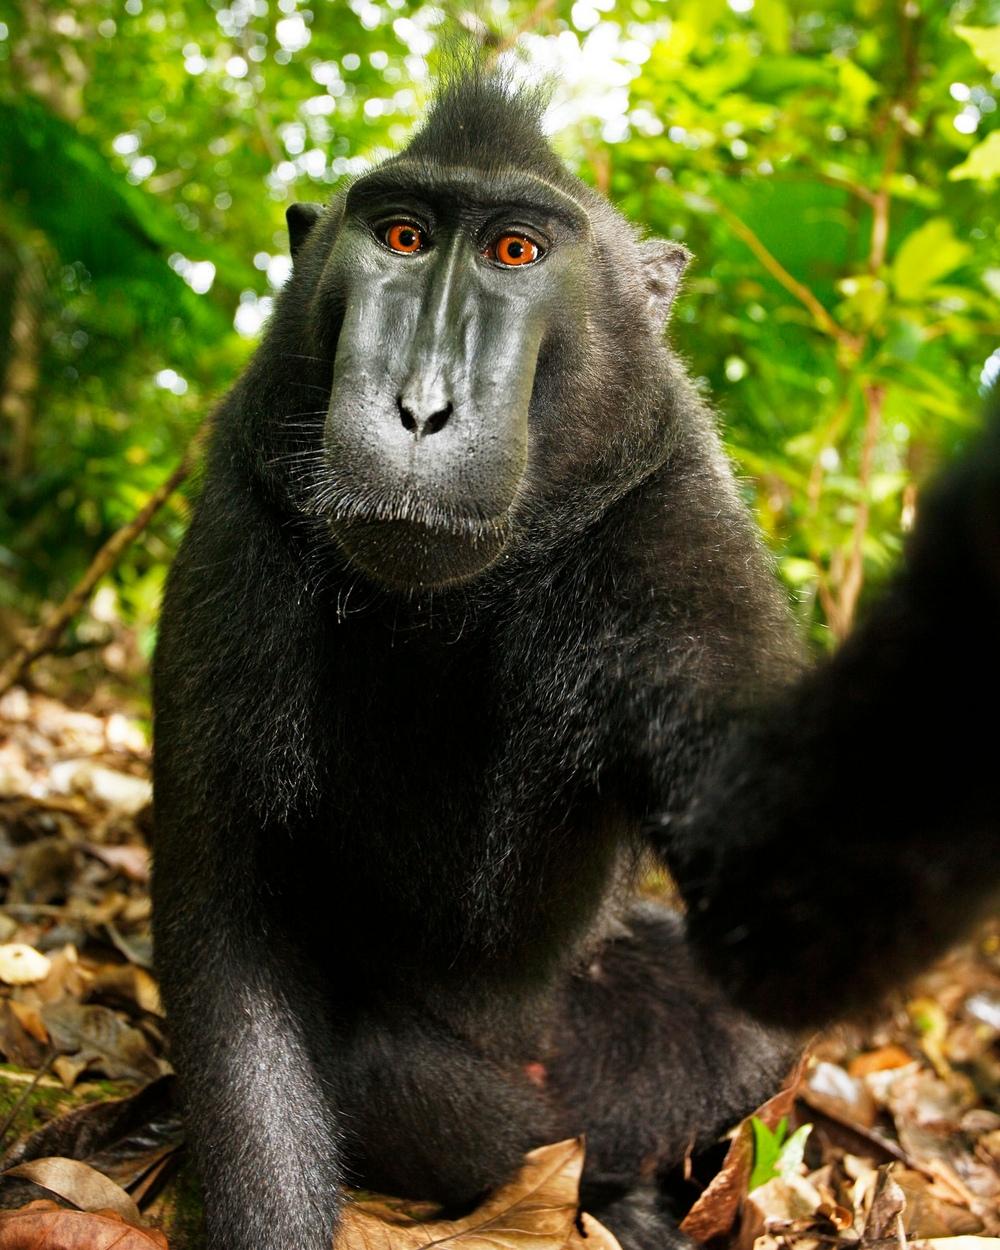 Фотограф Дэвид Слейтер разорился, судясь с обезьяной за авторское право на её снимок  2